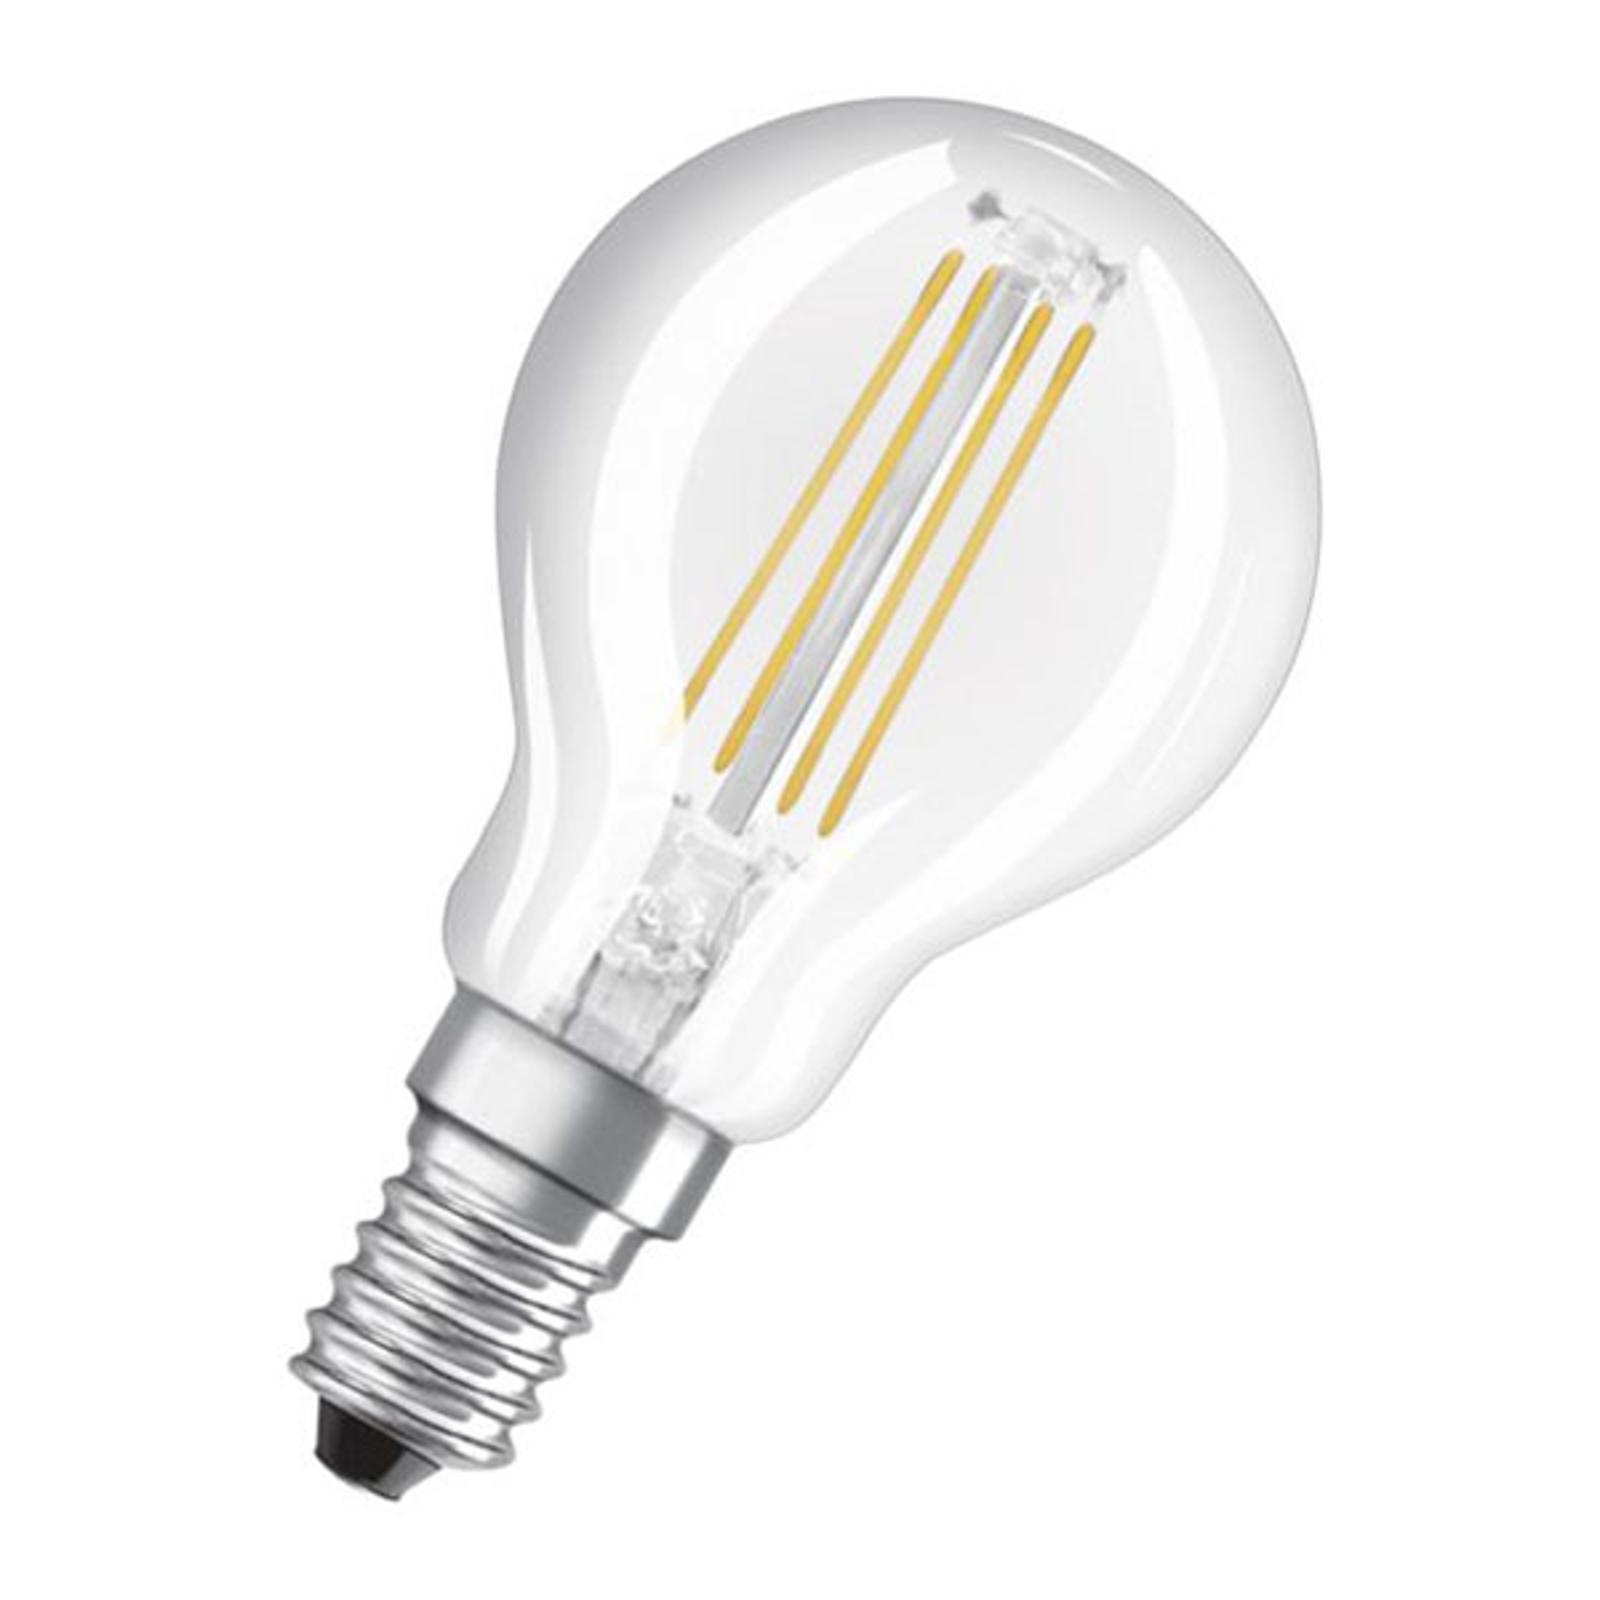 OSRAM Classic P żarówka LED E14 4W 827 3-Step-dim